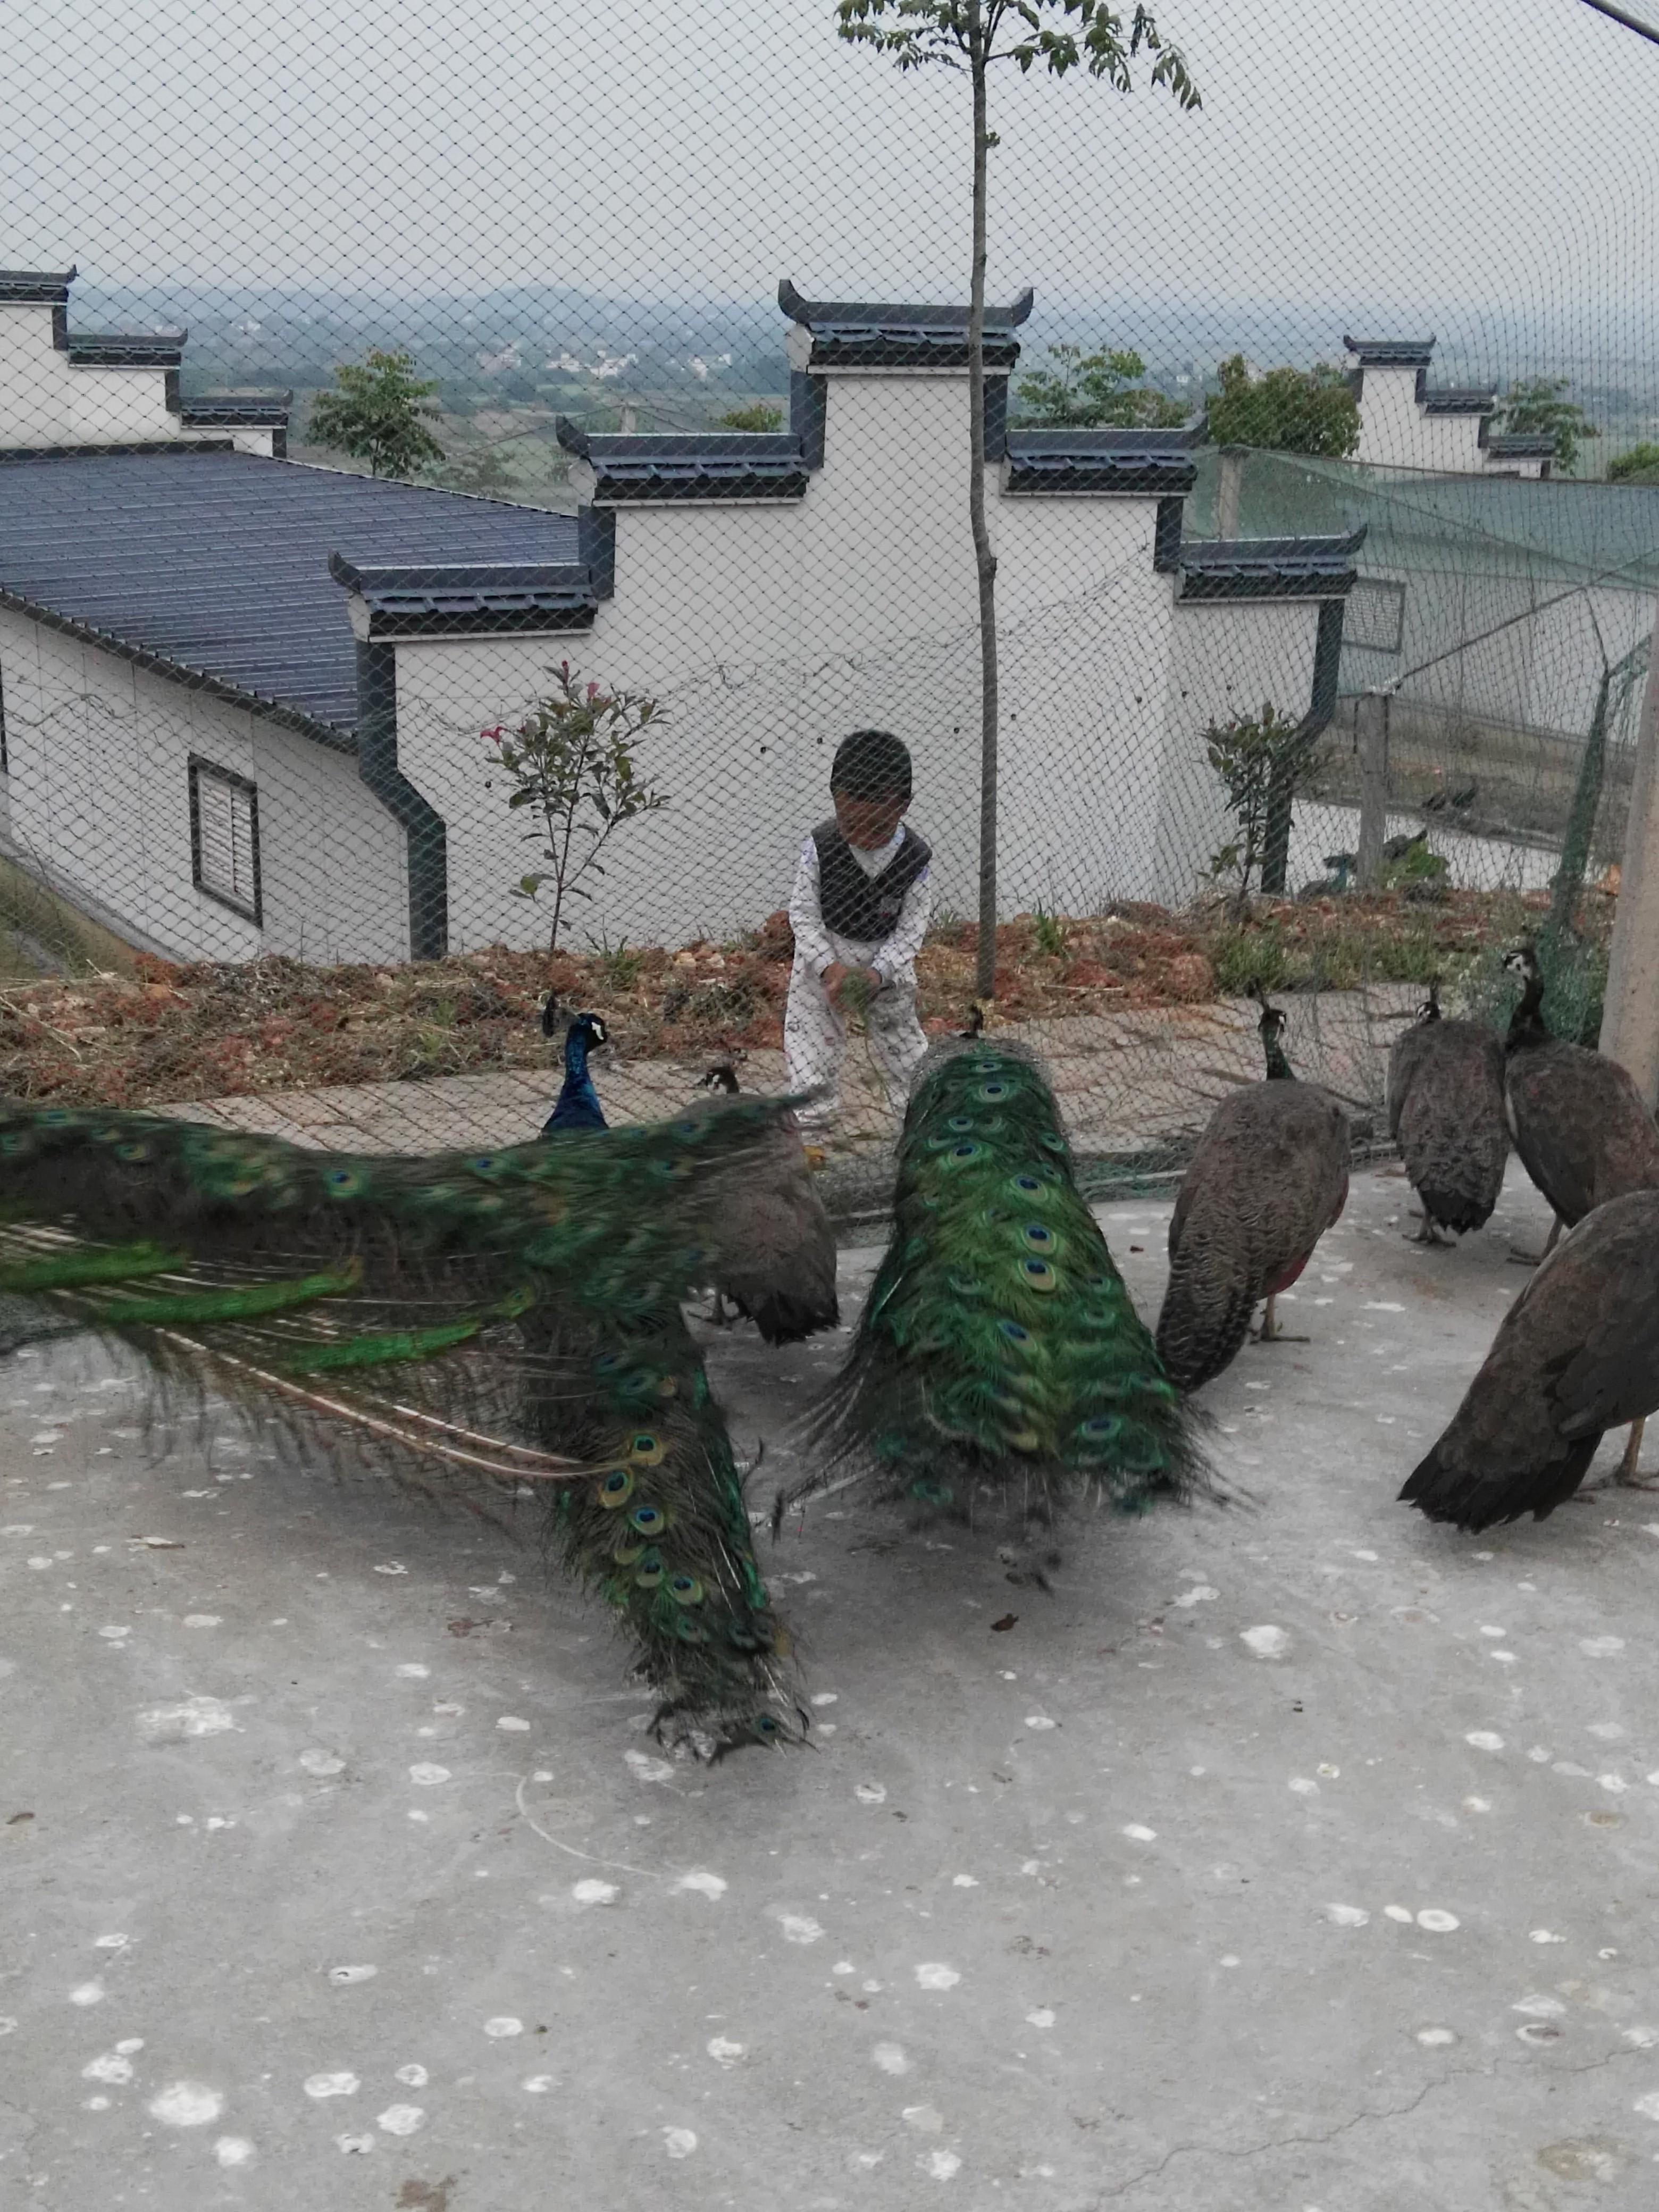 种孔雀,标本孔雀,食用孔雀供应,景区,生态园观赏孔雀供应